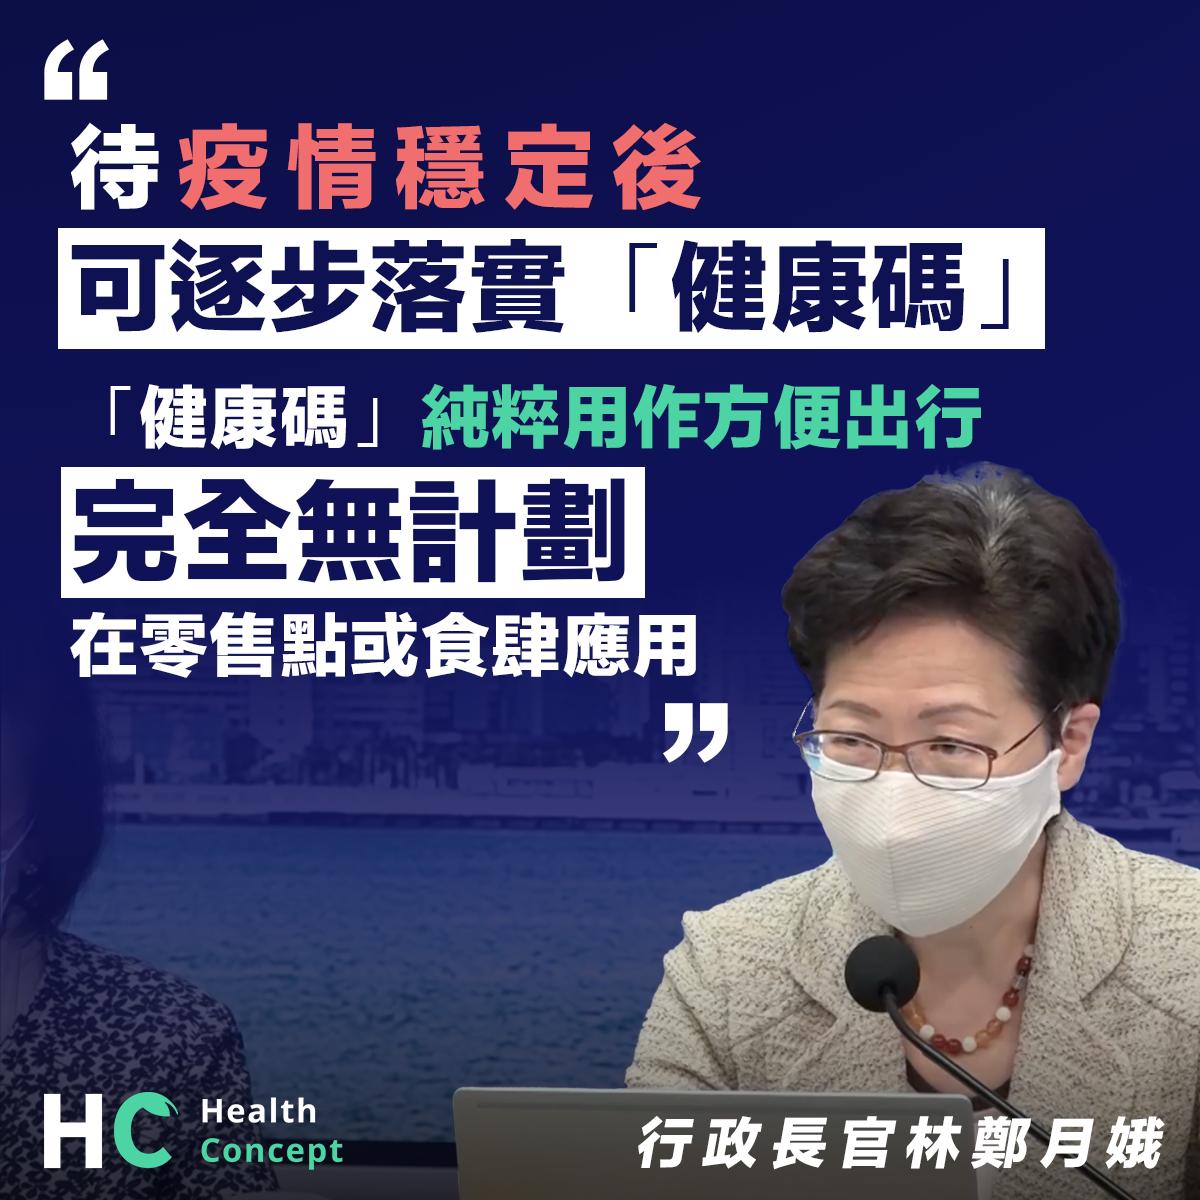 【新型肺炎】林鄭月娥:7月初中央已同意「健康碼」 待疫情穩定後可逐步落實